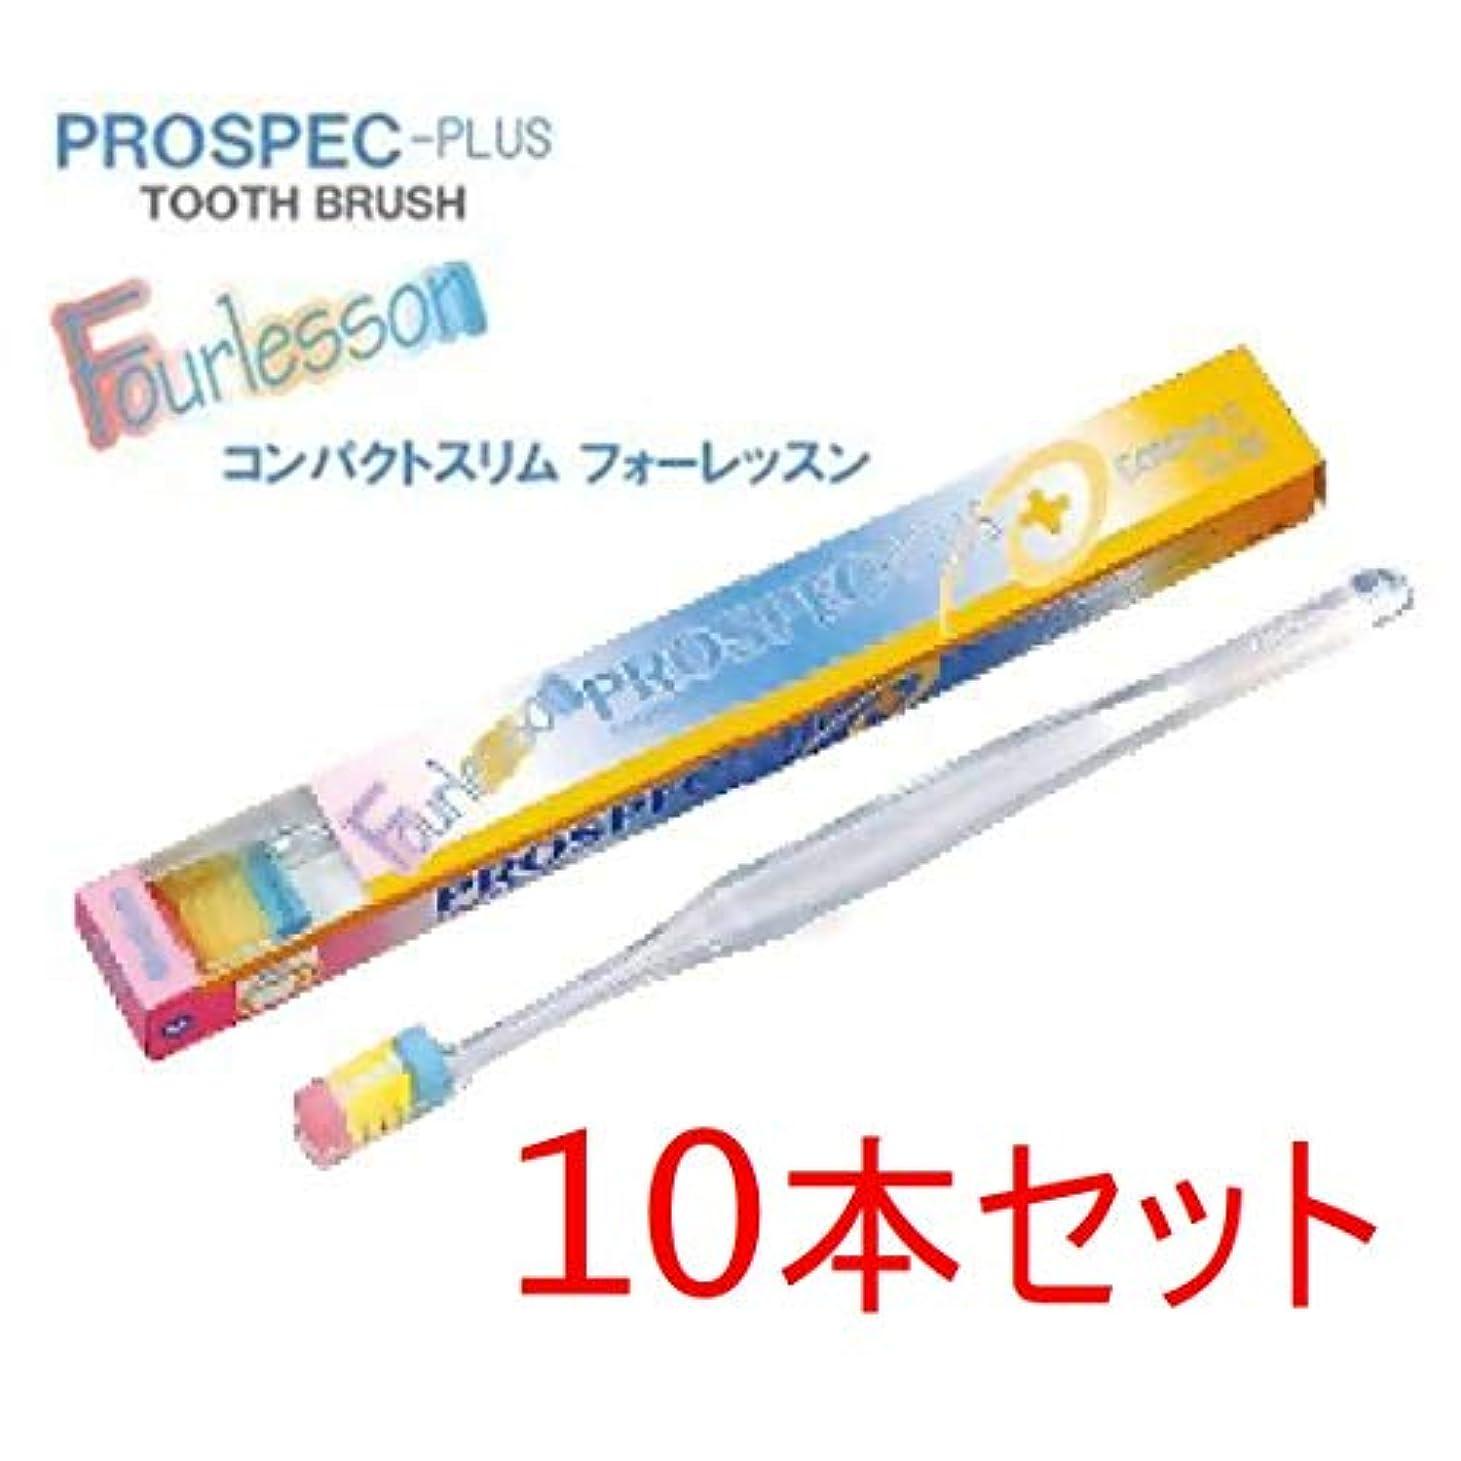 討論周囲闘争プロスペック 歯ブラシ コンパクトスリム 10本 フォーレッスン 毛の硬さ ふつう